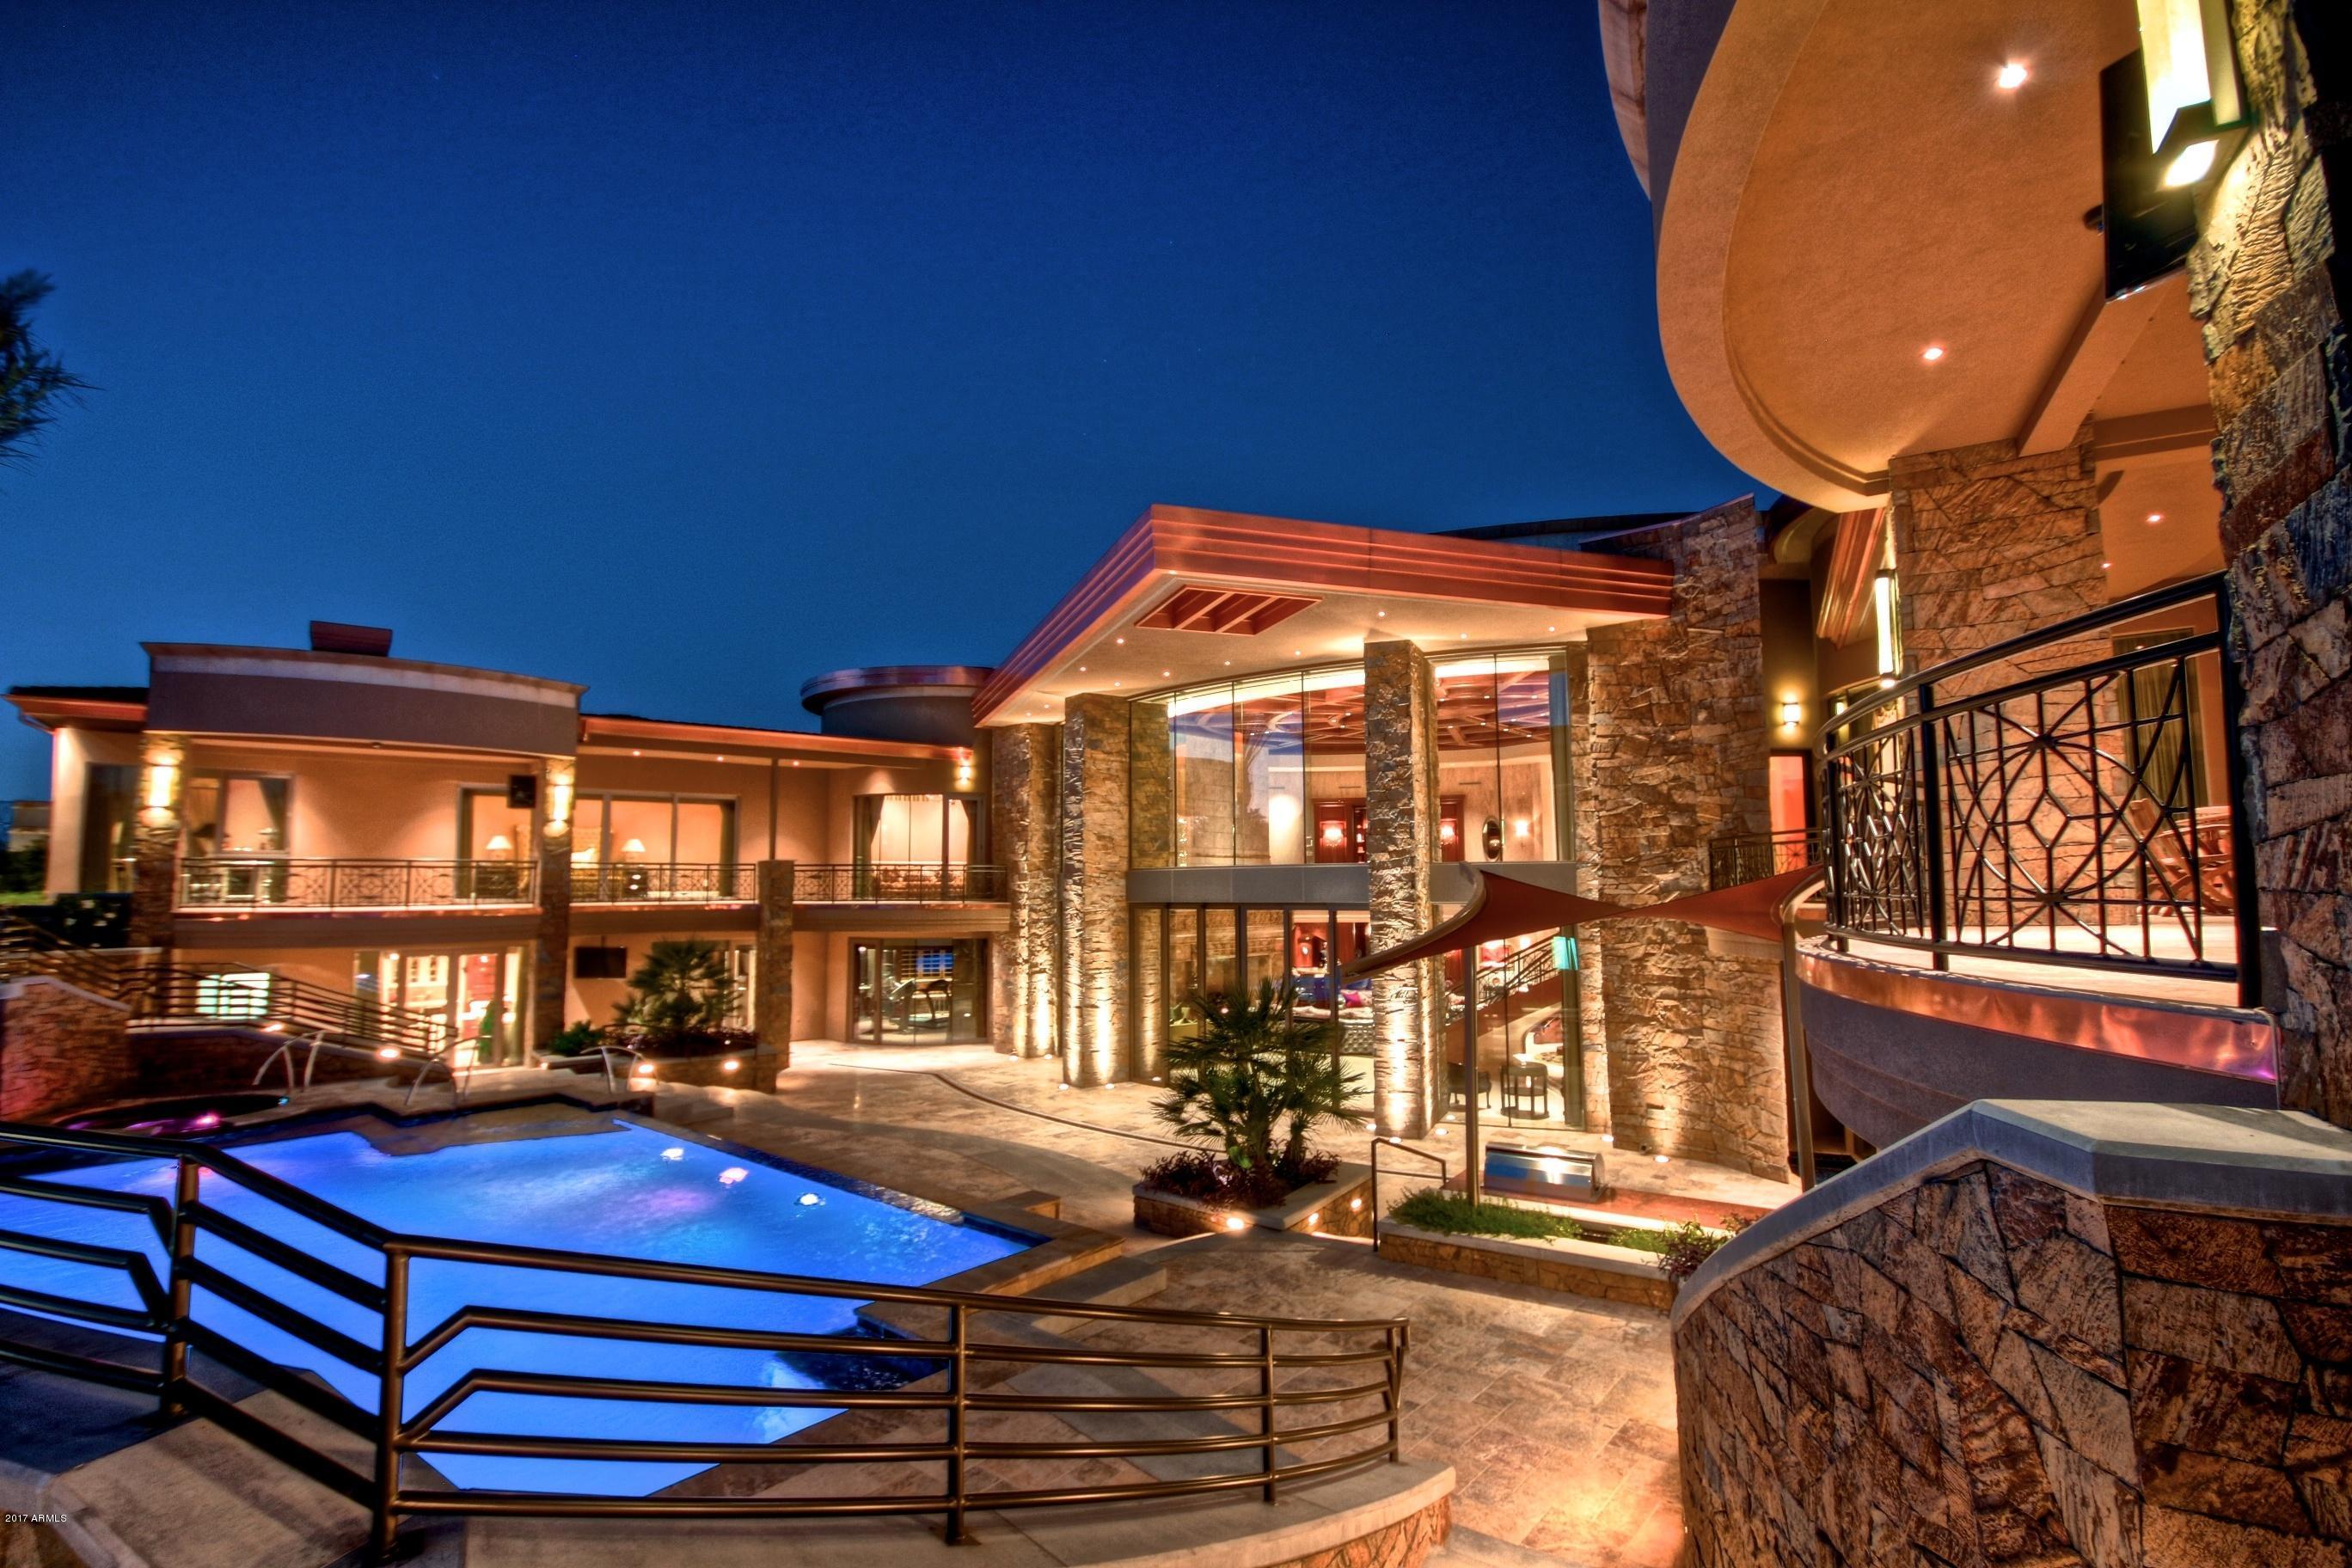 MLS 5676395 5335 N INVERGORDON Road, Paradise Valley, AZ 85253 Paradise Valley AZ One Plus Acre Home